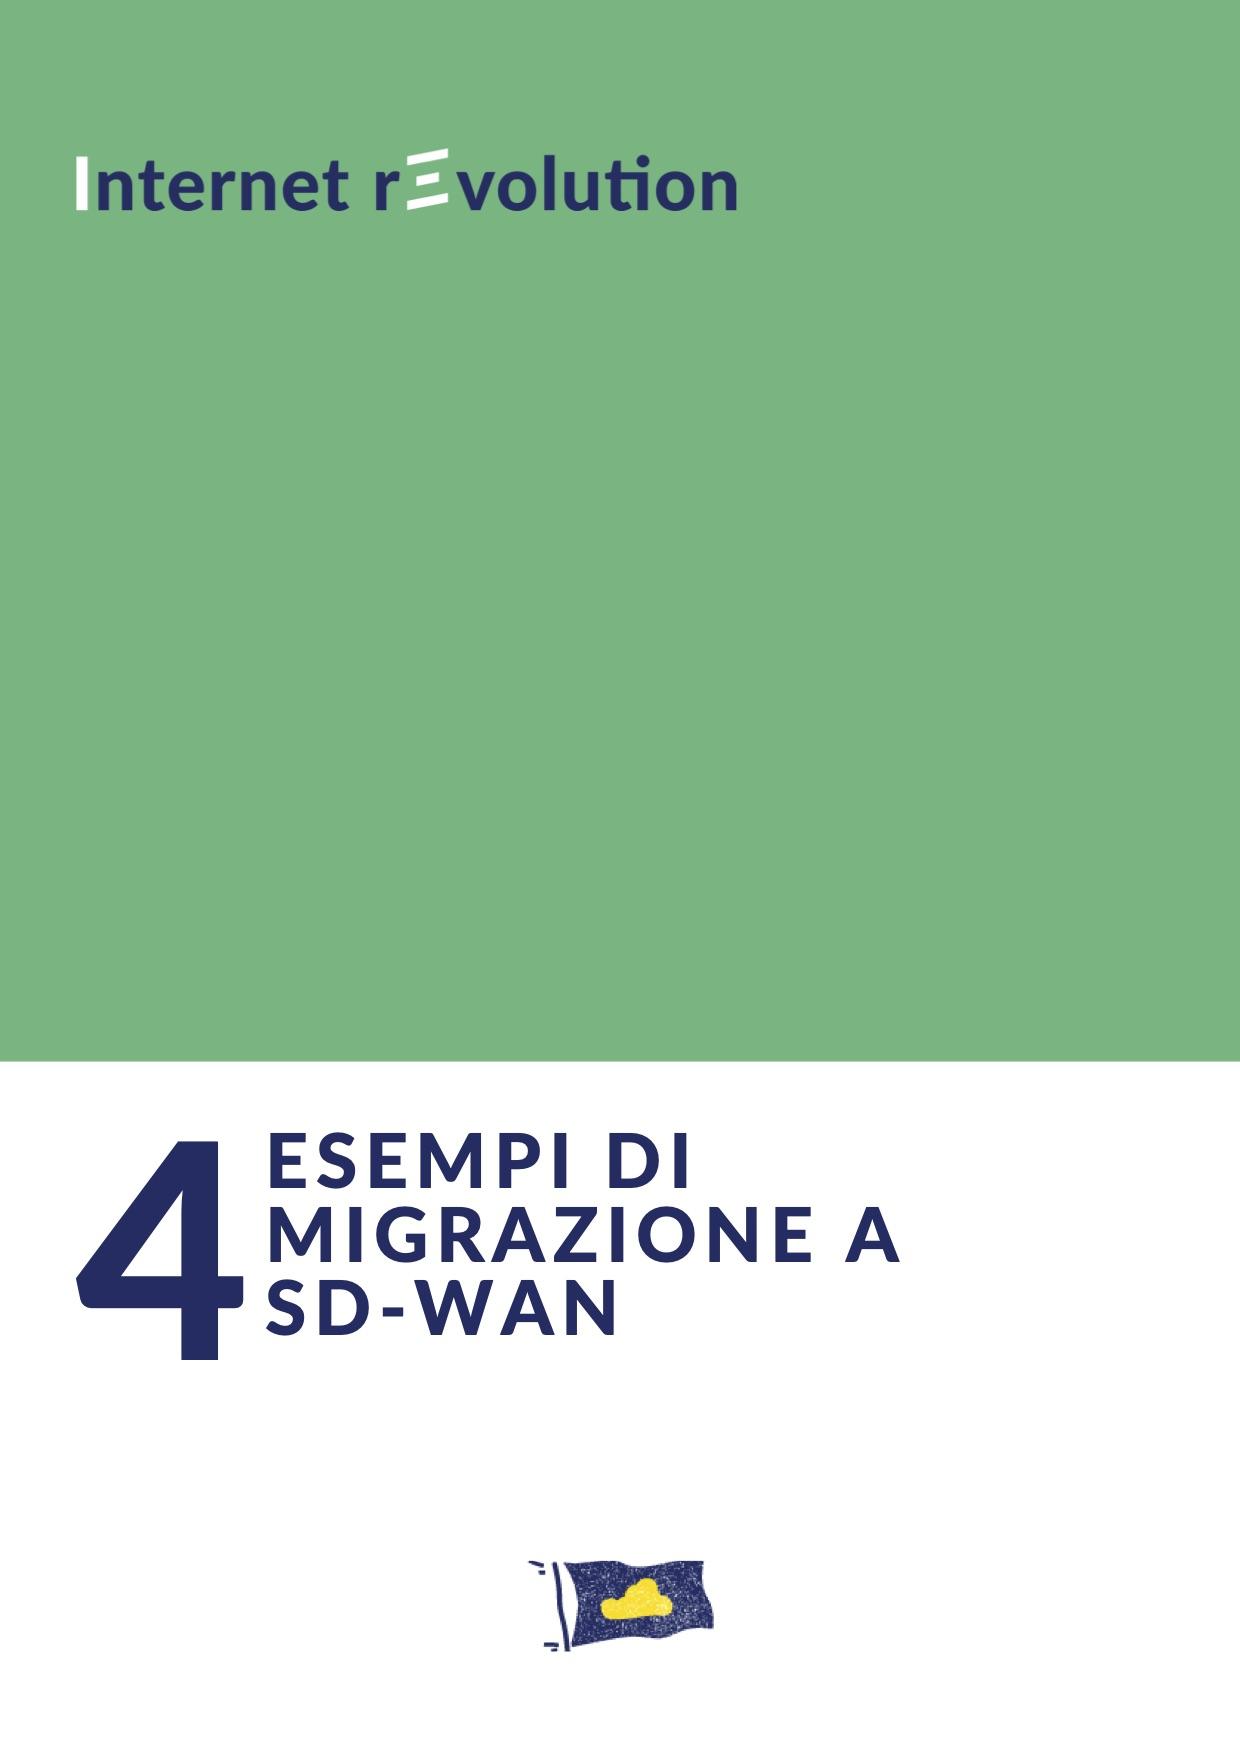 Migrazione a SD-WAN